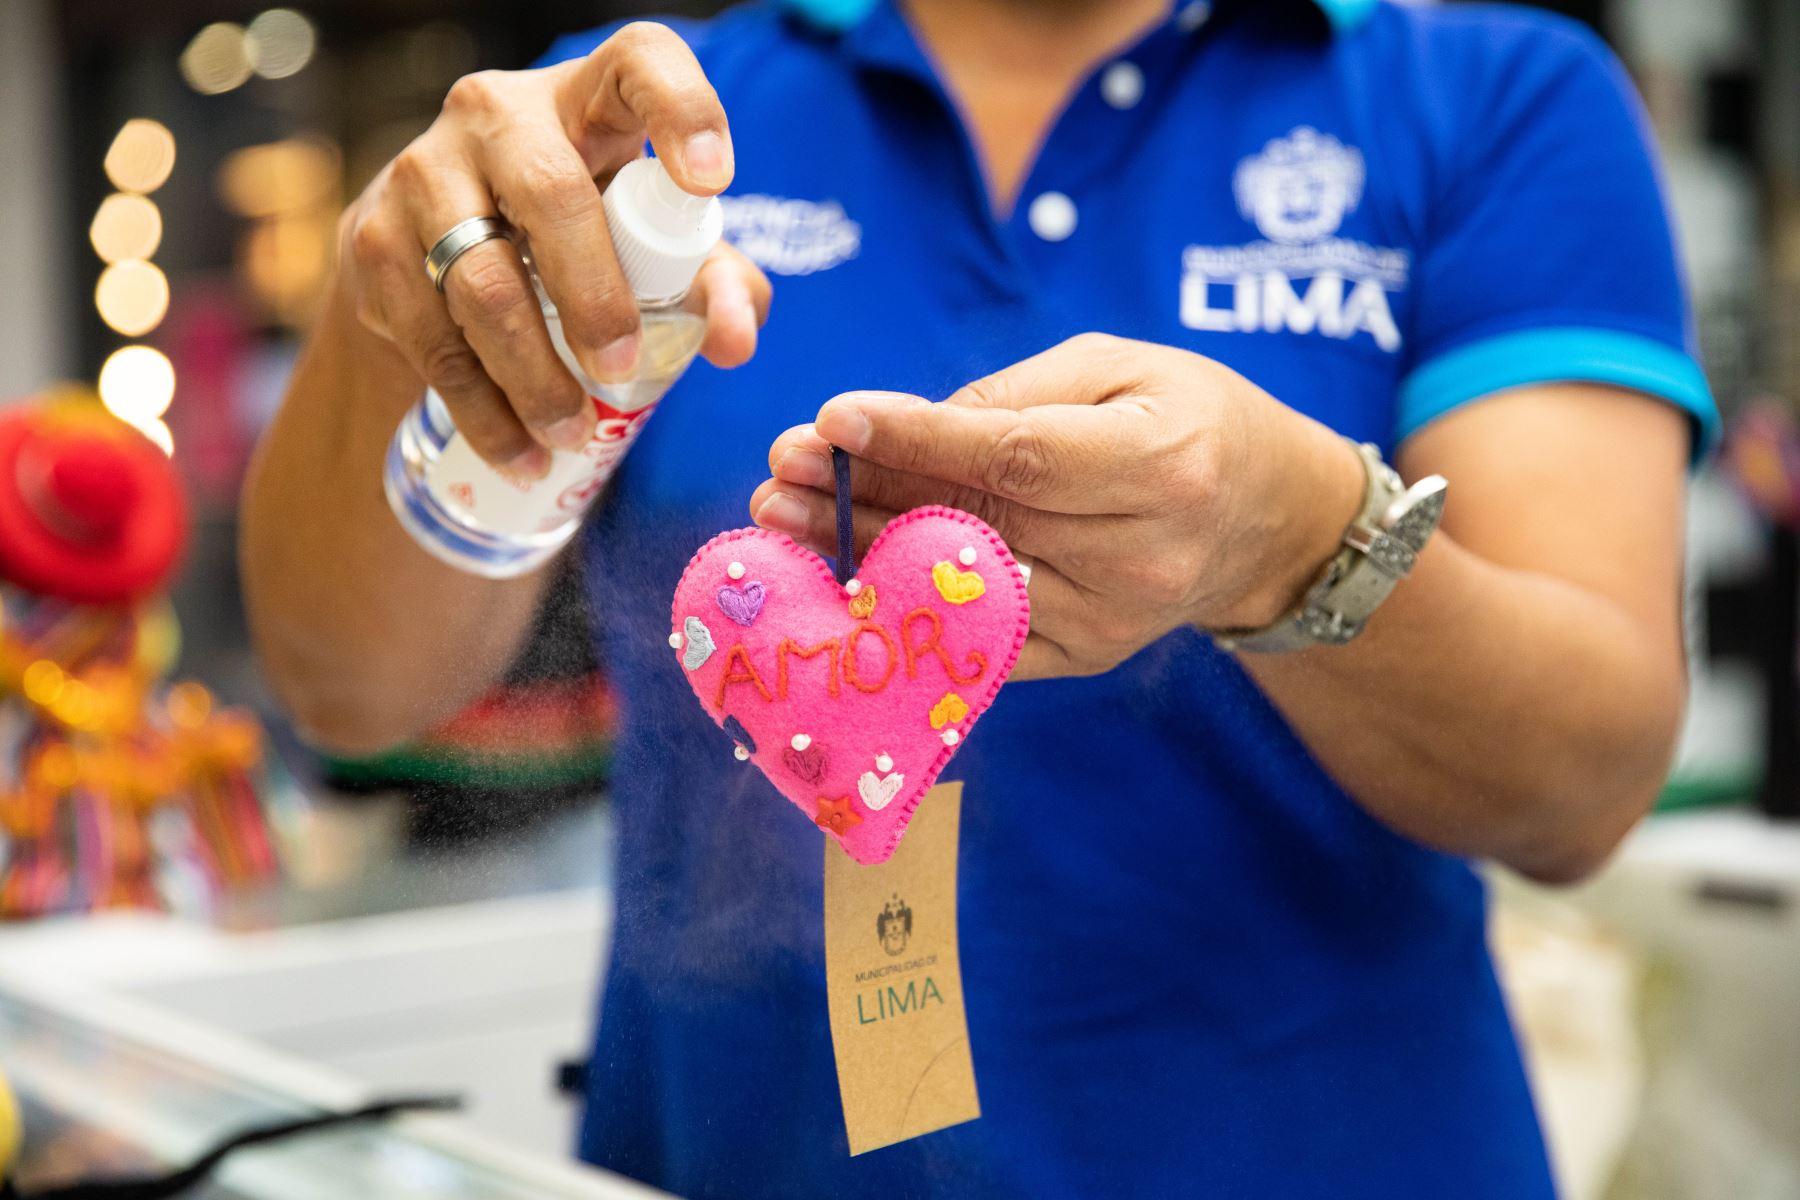 """La Municipalidad Metropolitana de Lima inauguró el módulo """"Mujer emprende"""", en el Jockey Plaza que tiene como objetivo beneficiar a mujeres de diferentes distritos de la ciudad, generando oportunidades de negocio para mejorar su calidad de vida y promover su independencia económica. Foto: MML"""